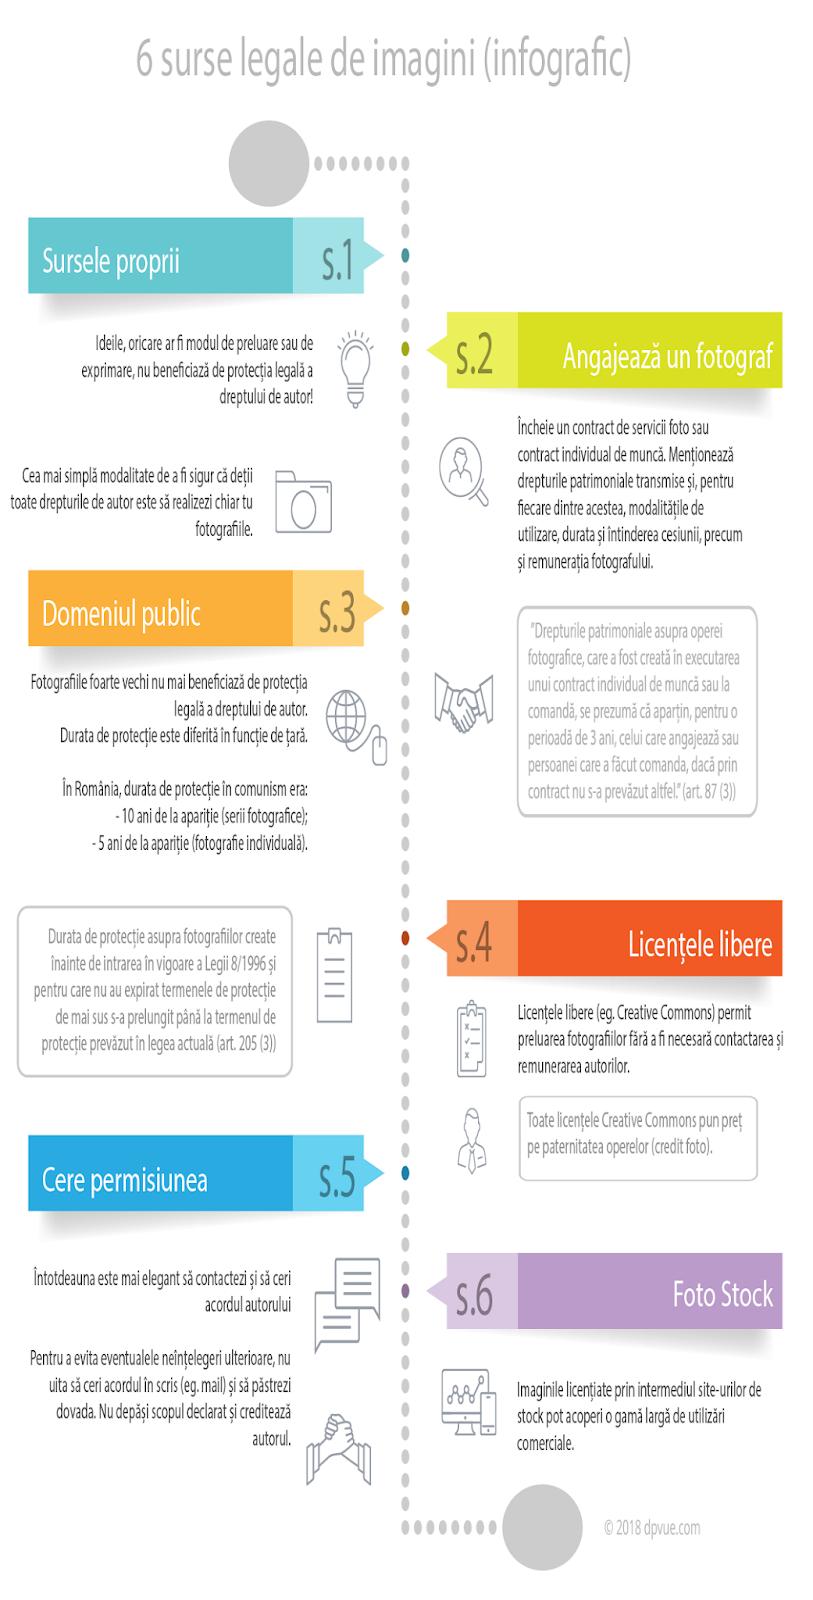 6 surse legale pentru imagini (infografic)